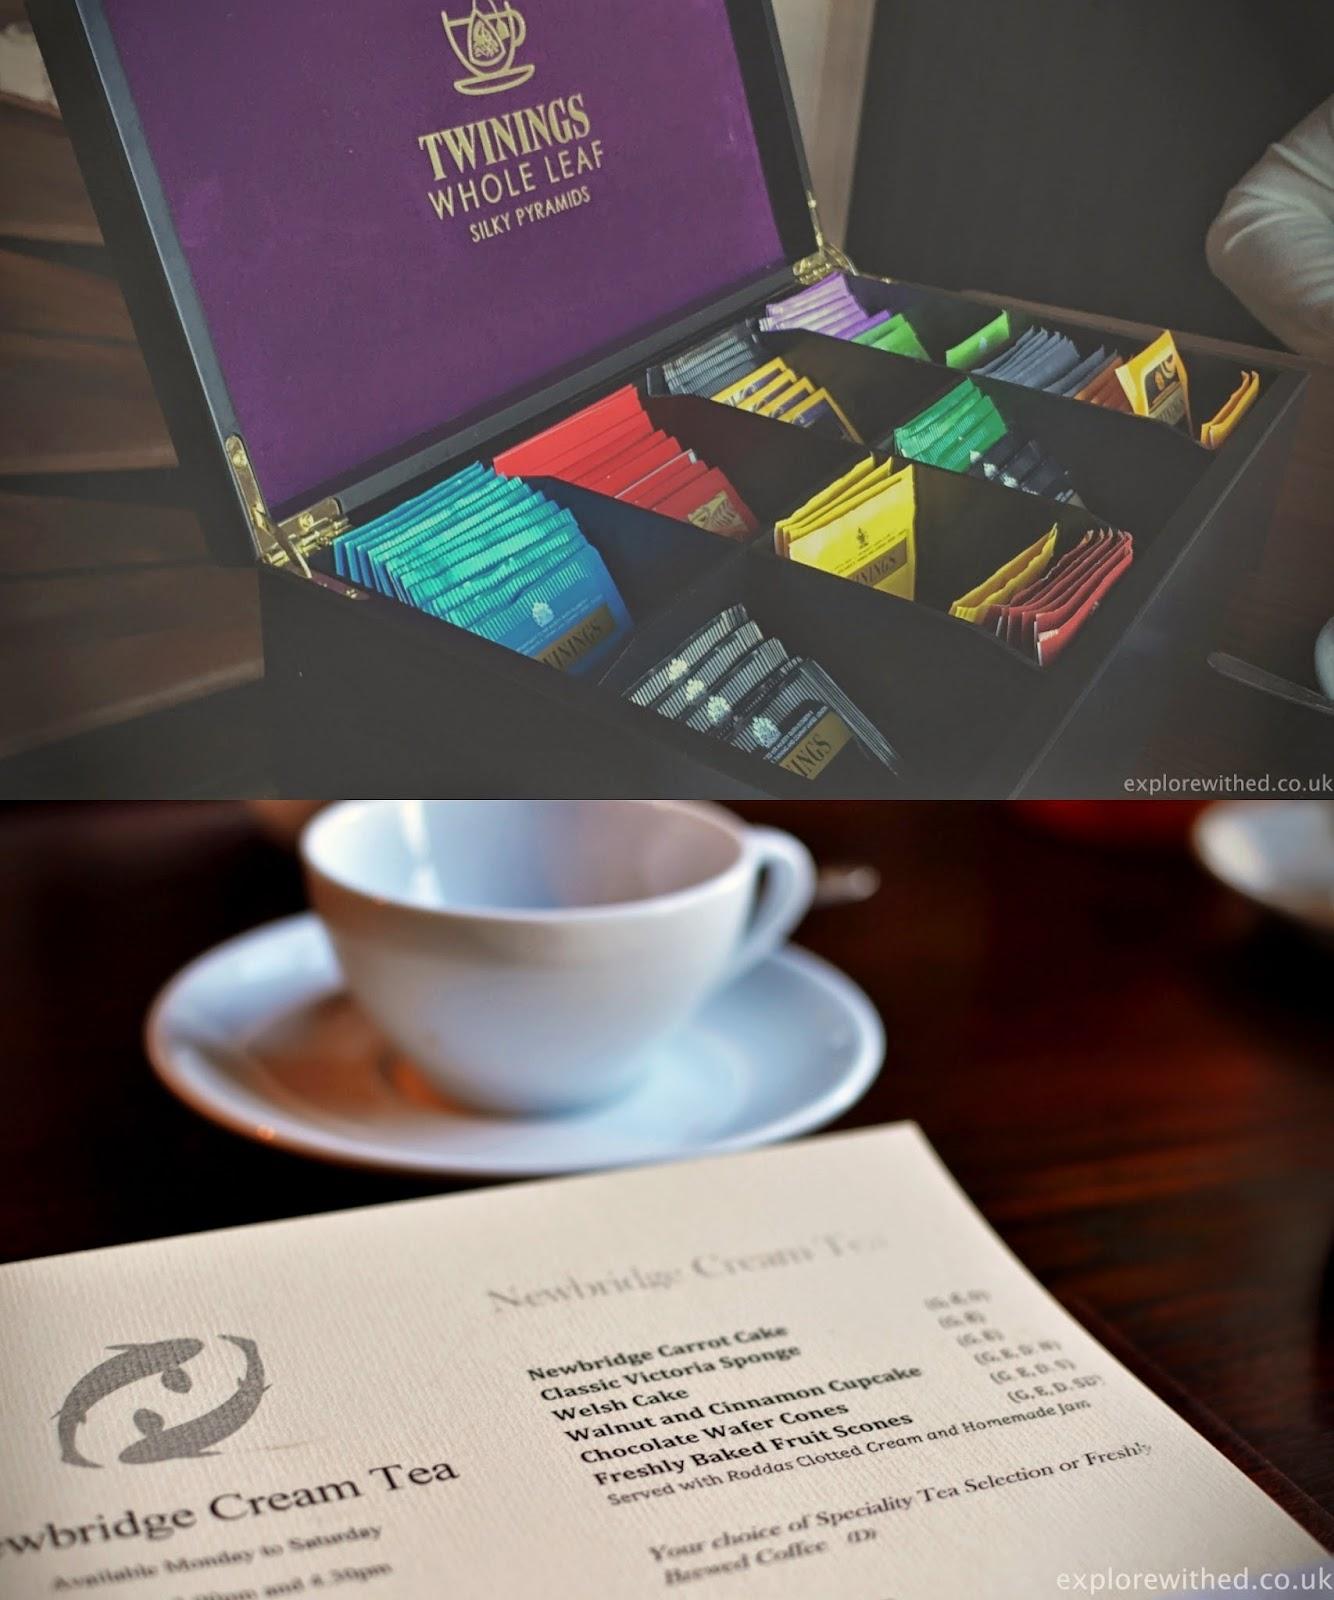 Cream Tea Menu, Twinings Whole Leaf Tea Selection Box